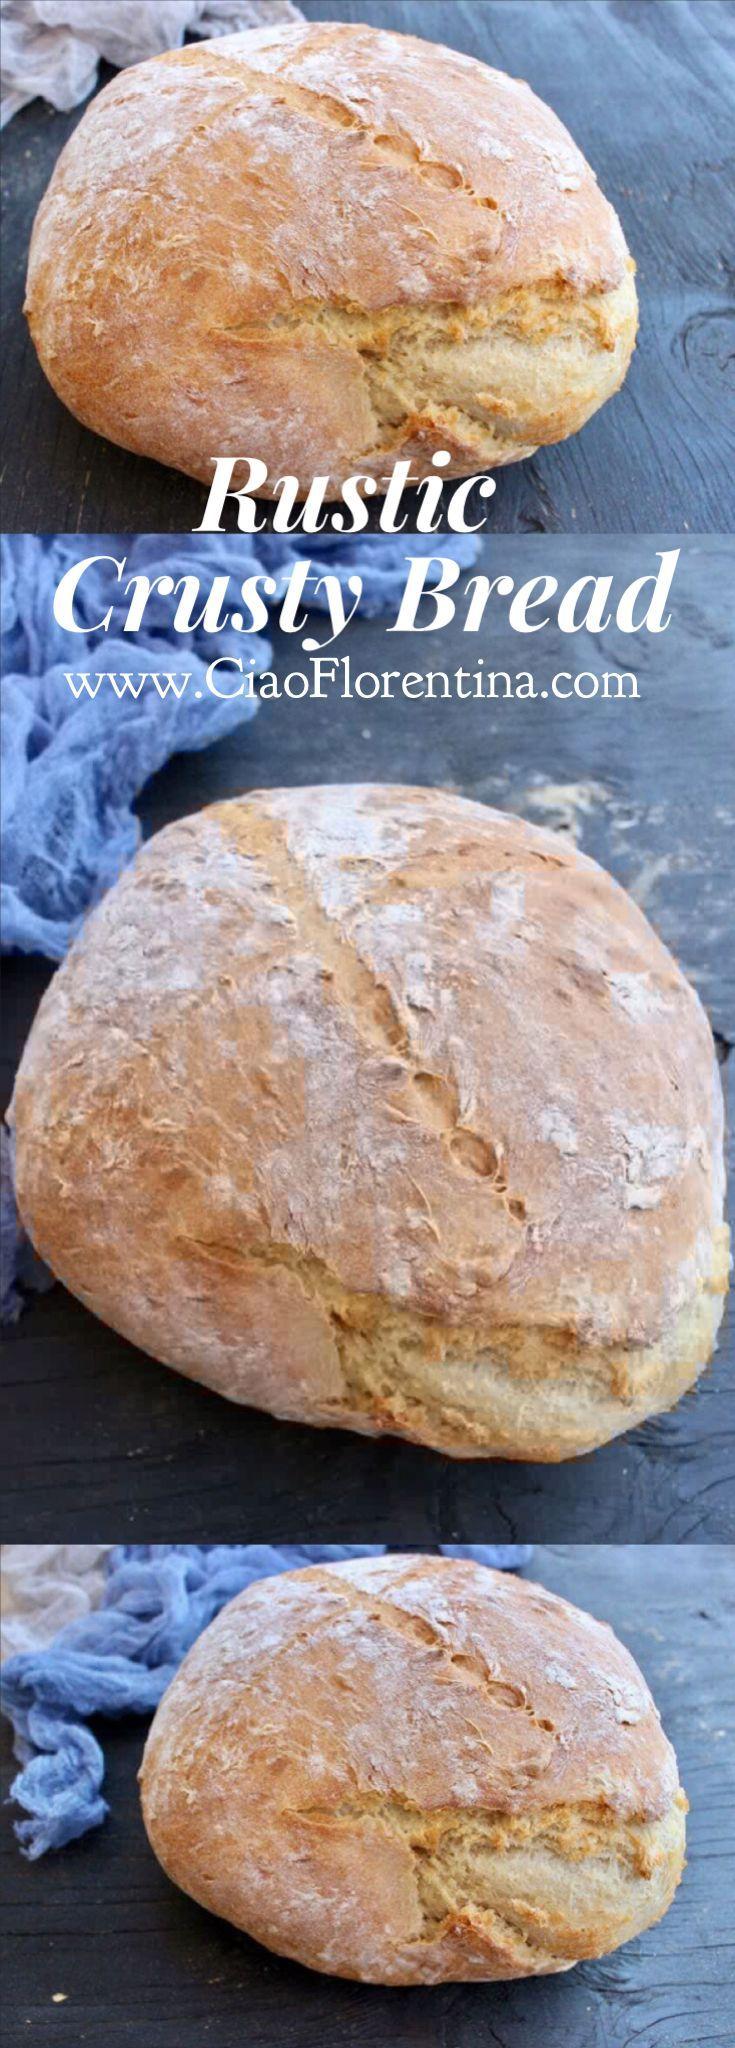 Rustic Crusty Bread Recipe | http://CiaoFlorentina.com @CiaoFlorentina